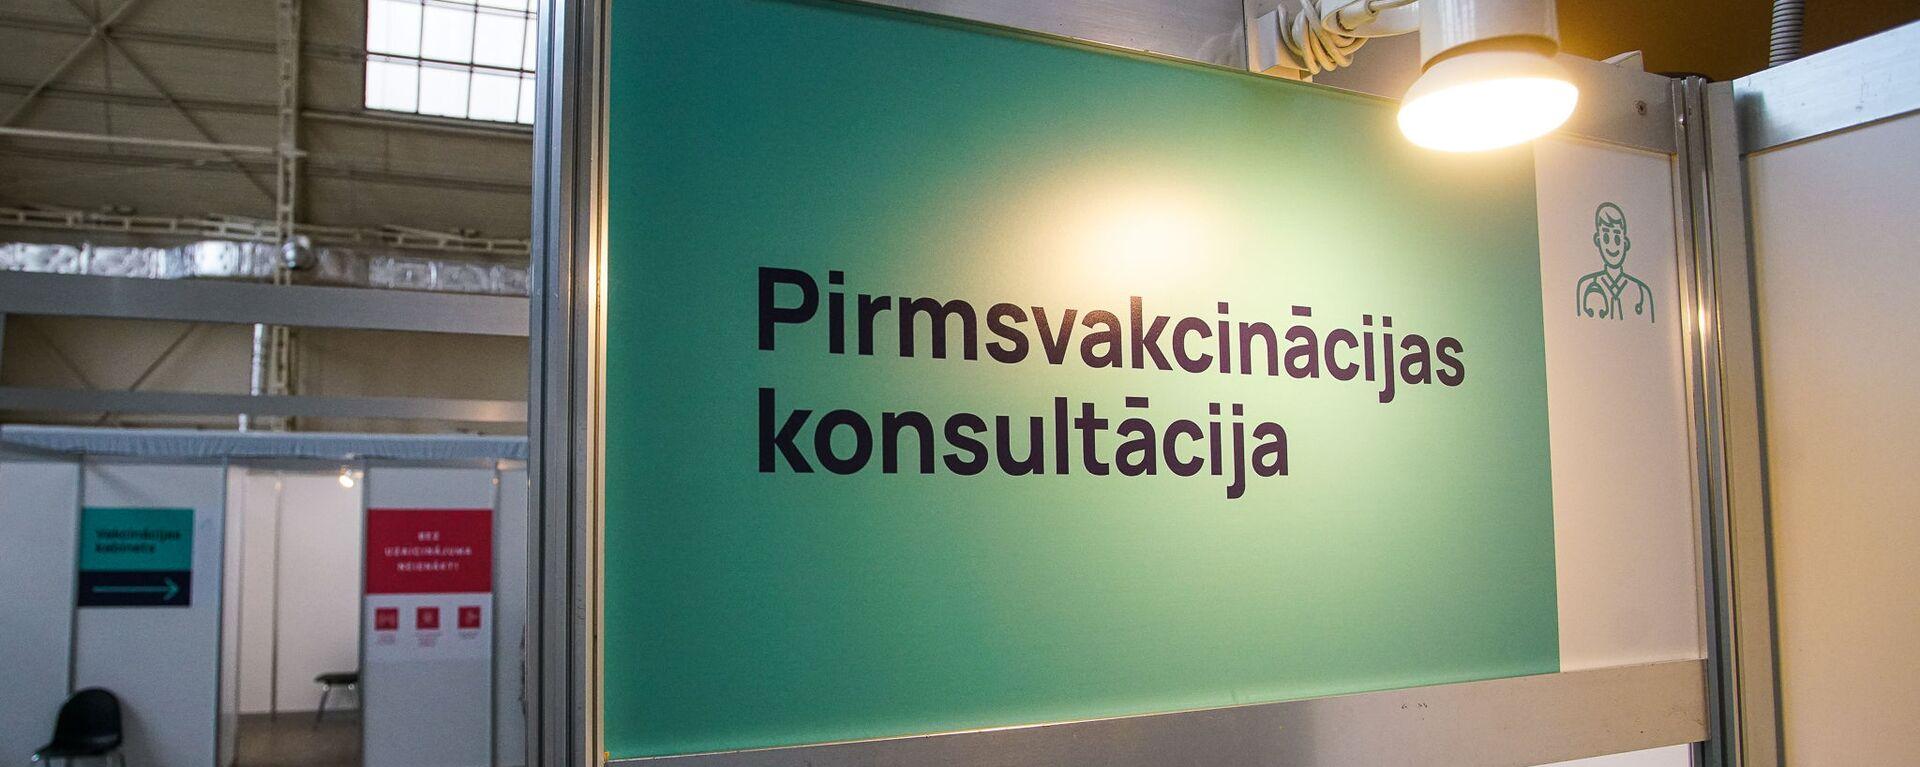 Центр вакцинации открылся в Гастрономическом павильоне Центрального рынка в Риге - Sputnik Латвия, 1920, 02.04.2021